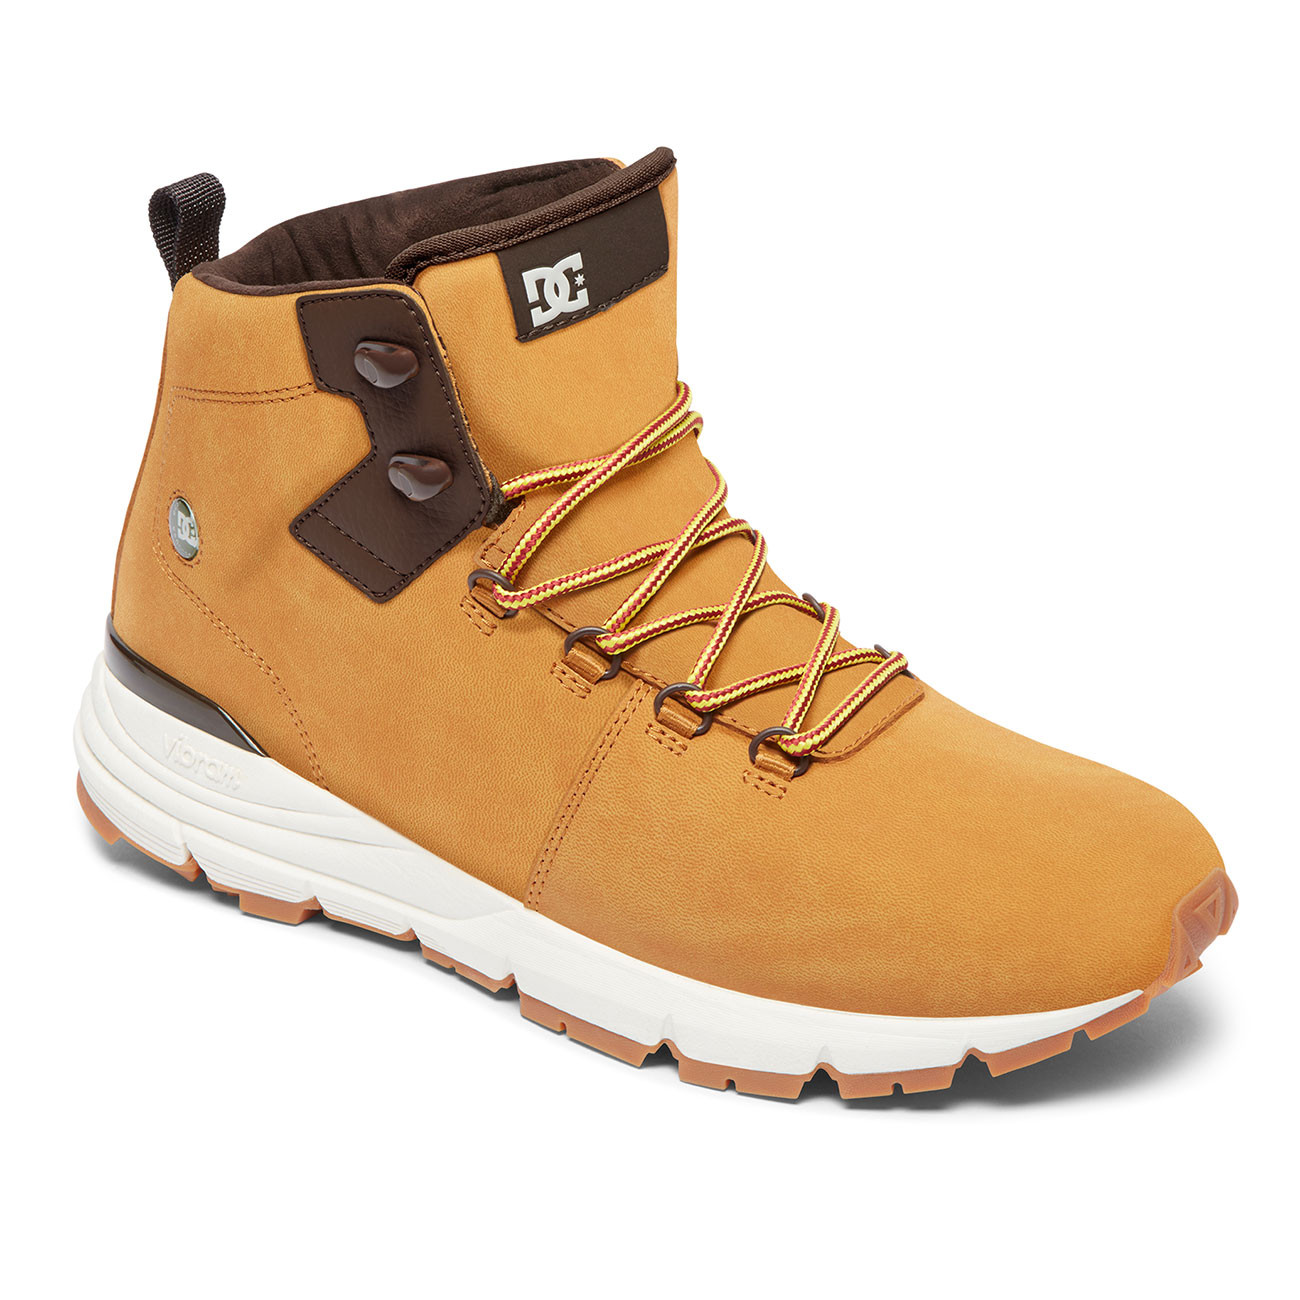 Zimní boty DC Muirland wheat  a3ce45342c